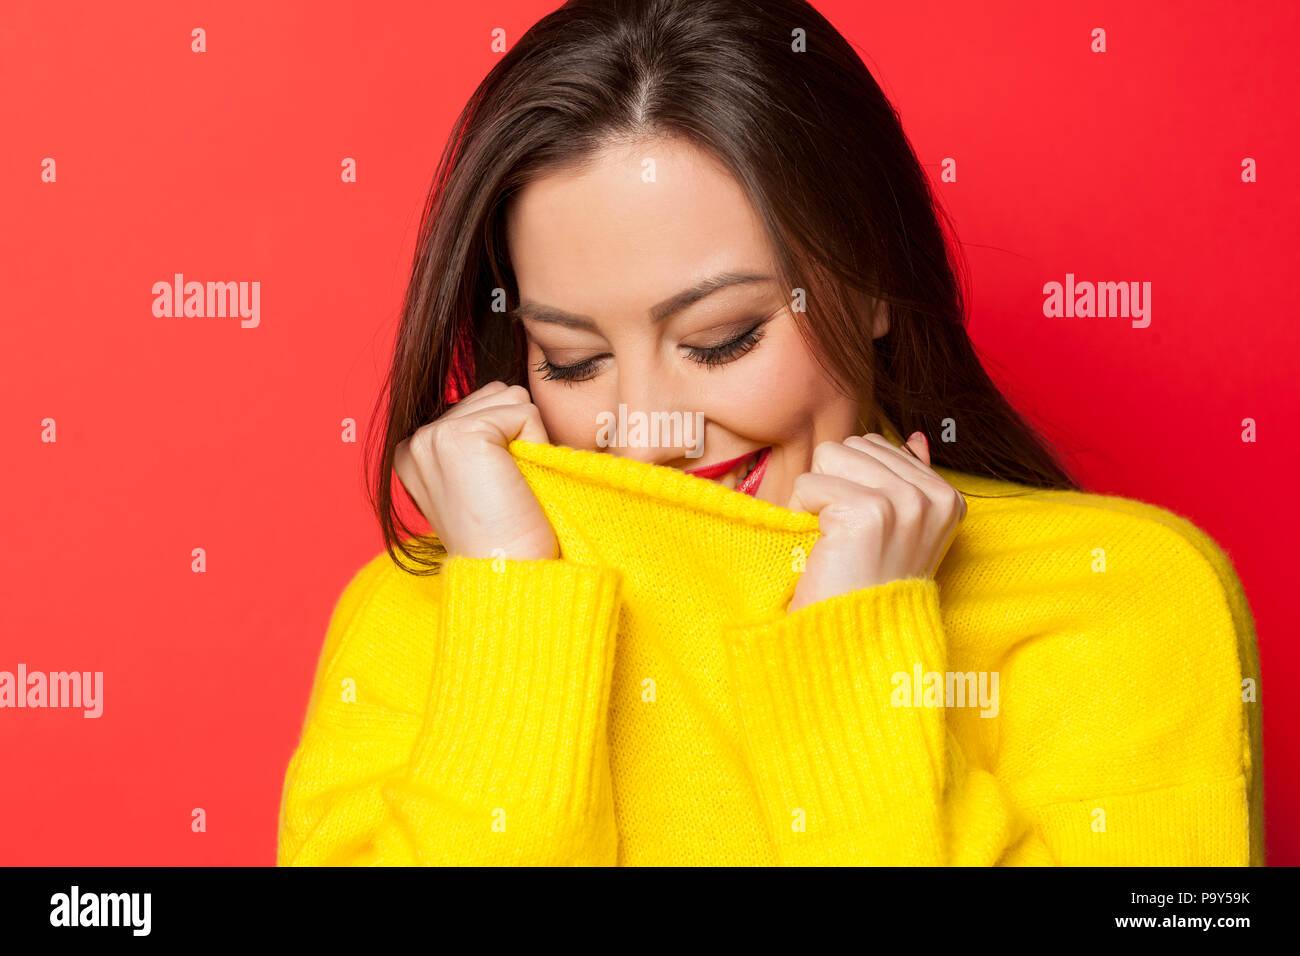 Schön schämen Frau in einem gelben Pullover auf rotem Hintergrund Stockbild